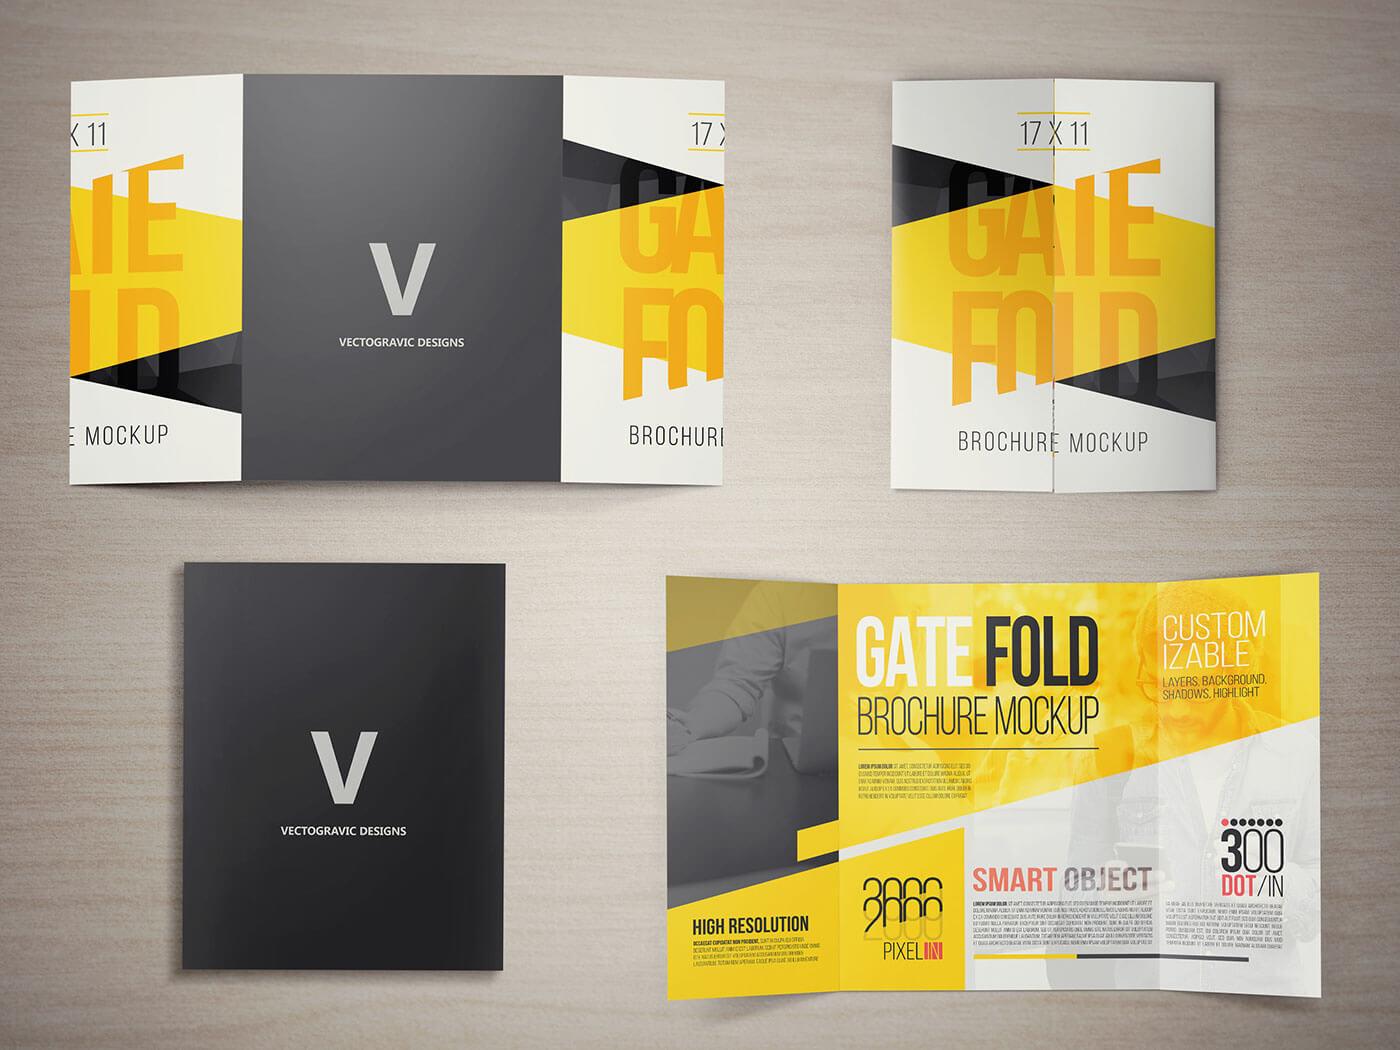 17 X 11 Gate Fold Brochure Mockup On Behance in Gate Fold Brochure Template